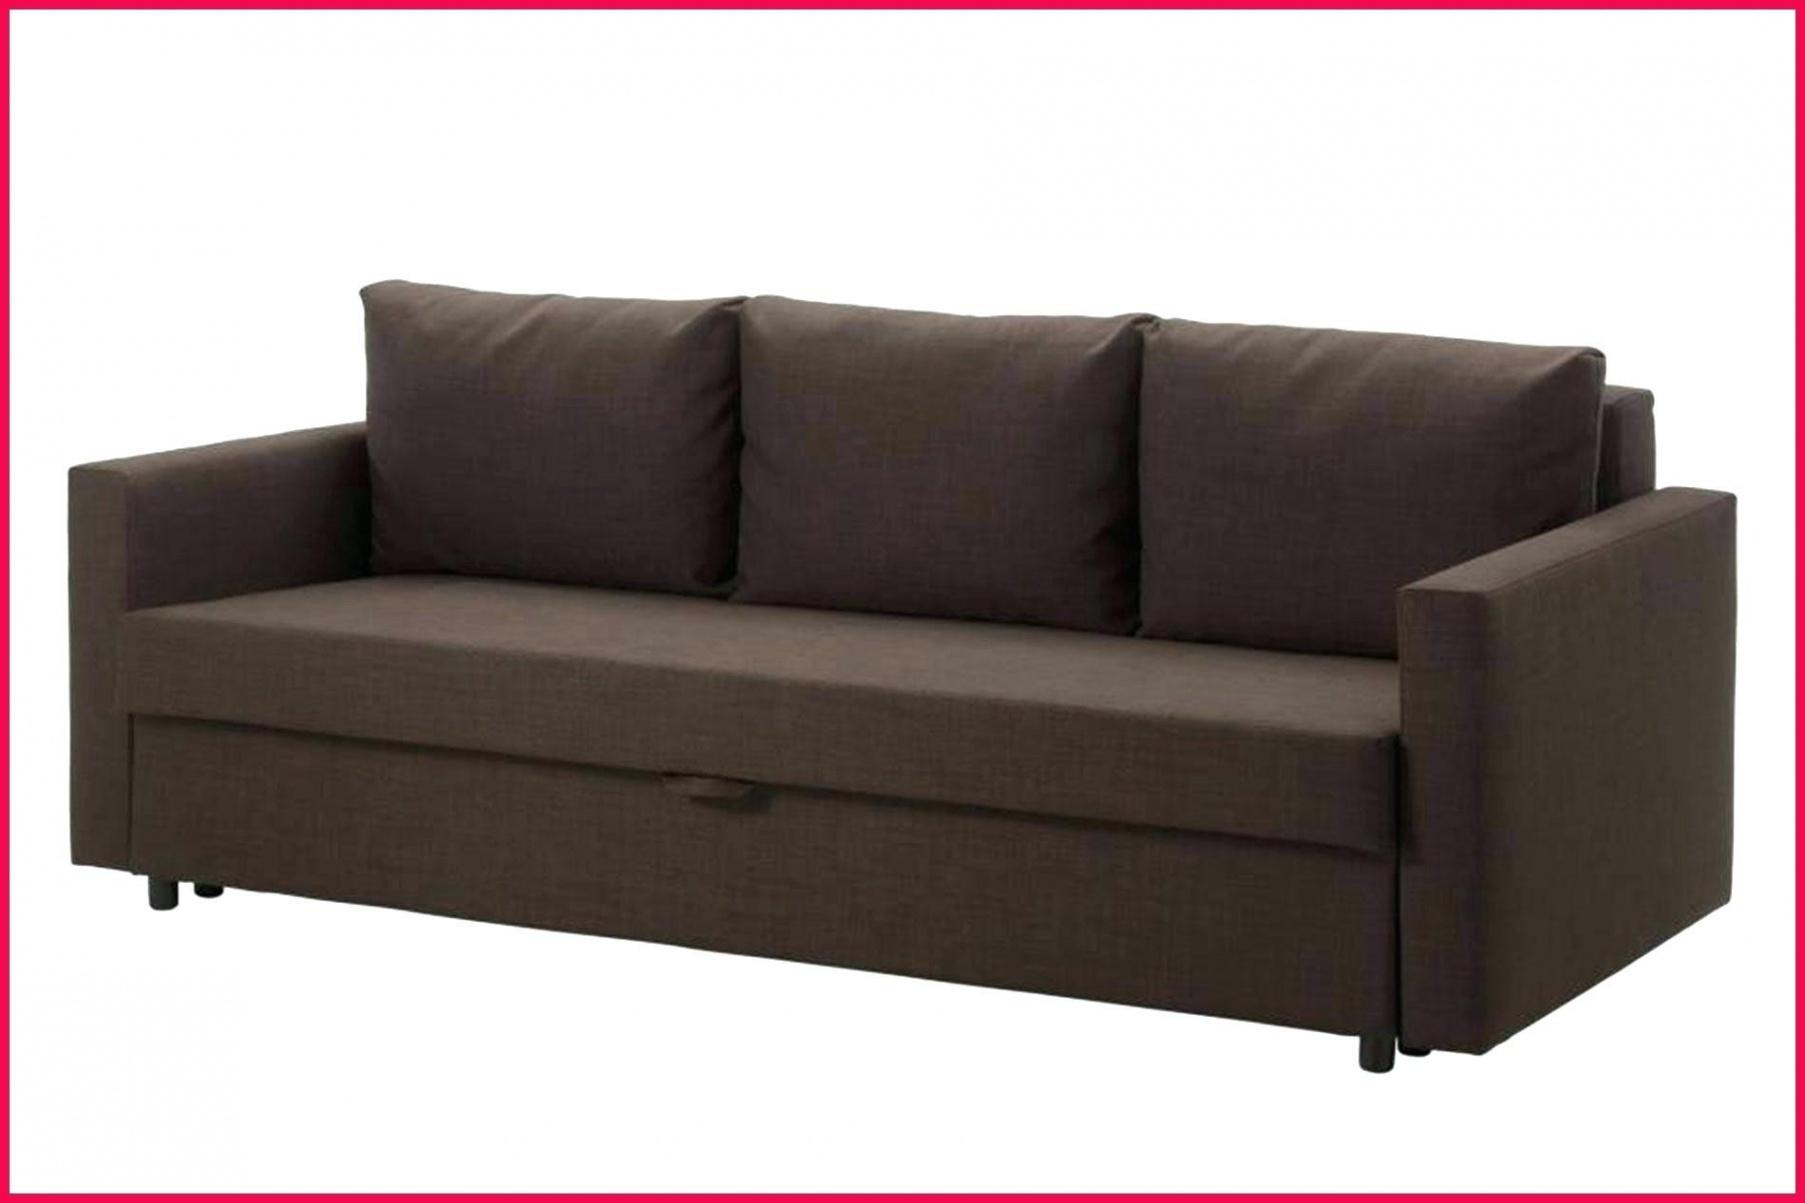 Canapé Ikea Convertible Angle Luxe Photos Canapé 3 Places Cuir — Laguerredesmots